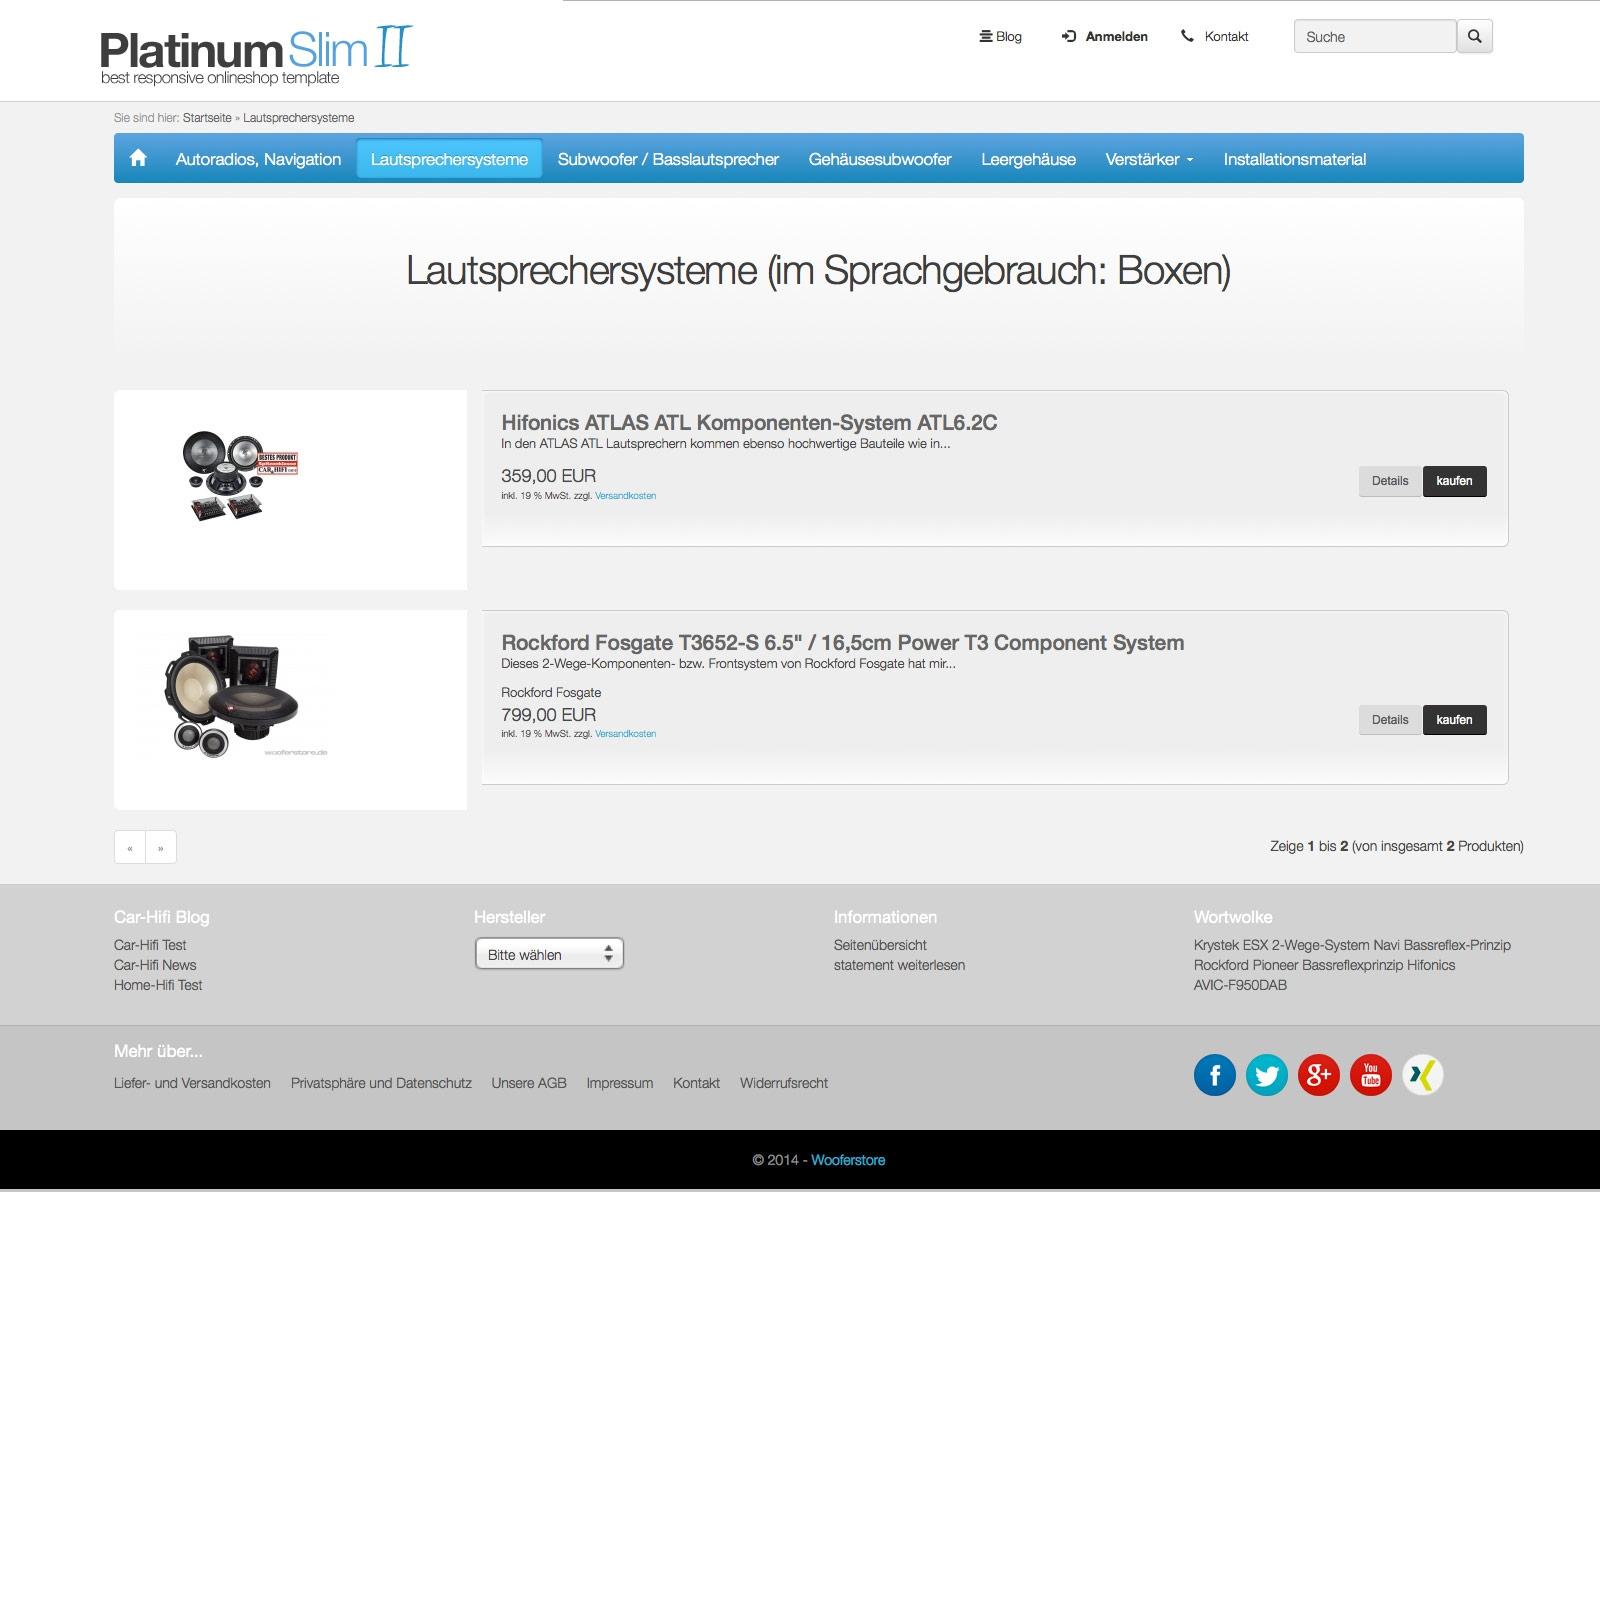 Gemütlich 2 Spalten Blogger Vorlage Galerie - Entry Level Resume ...